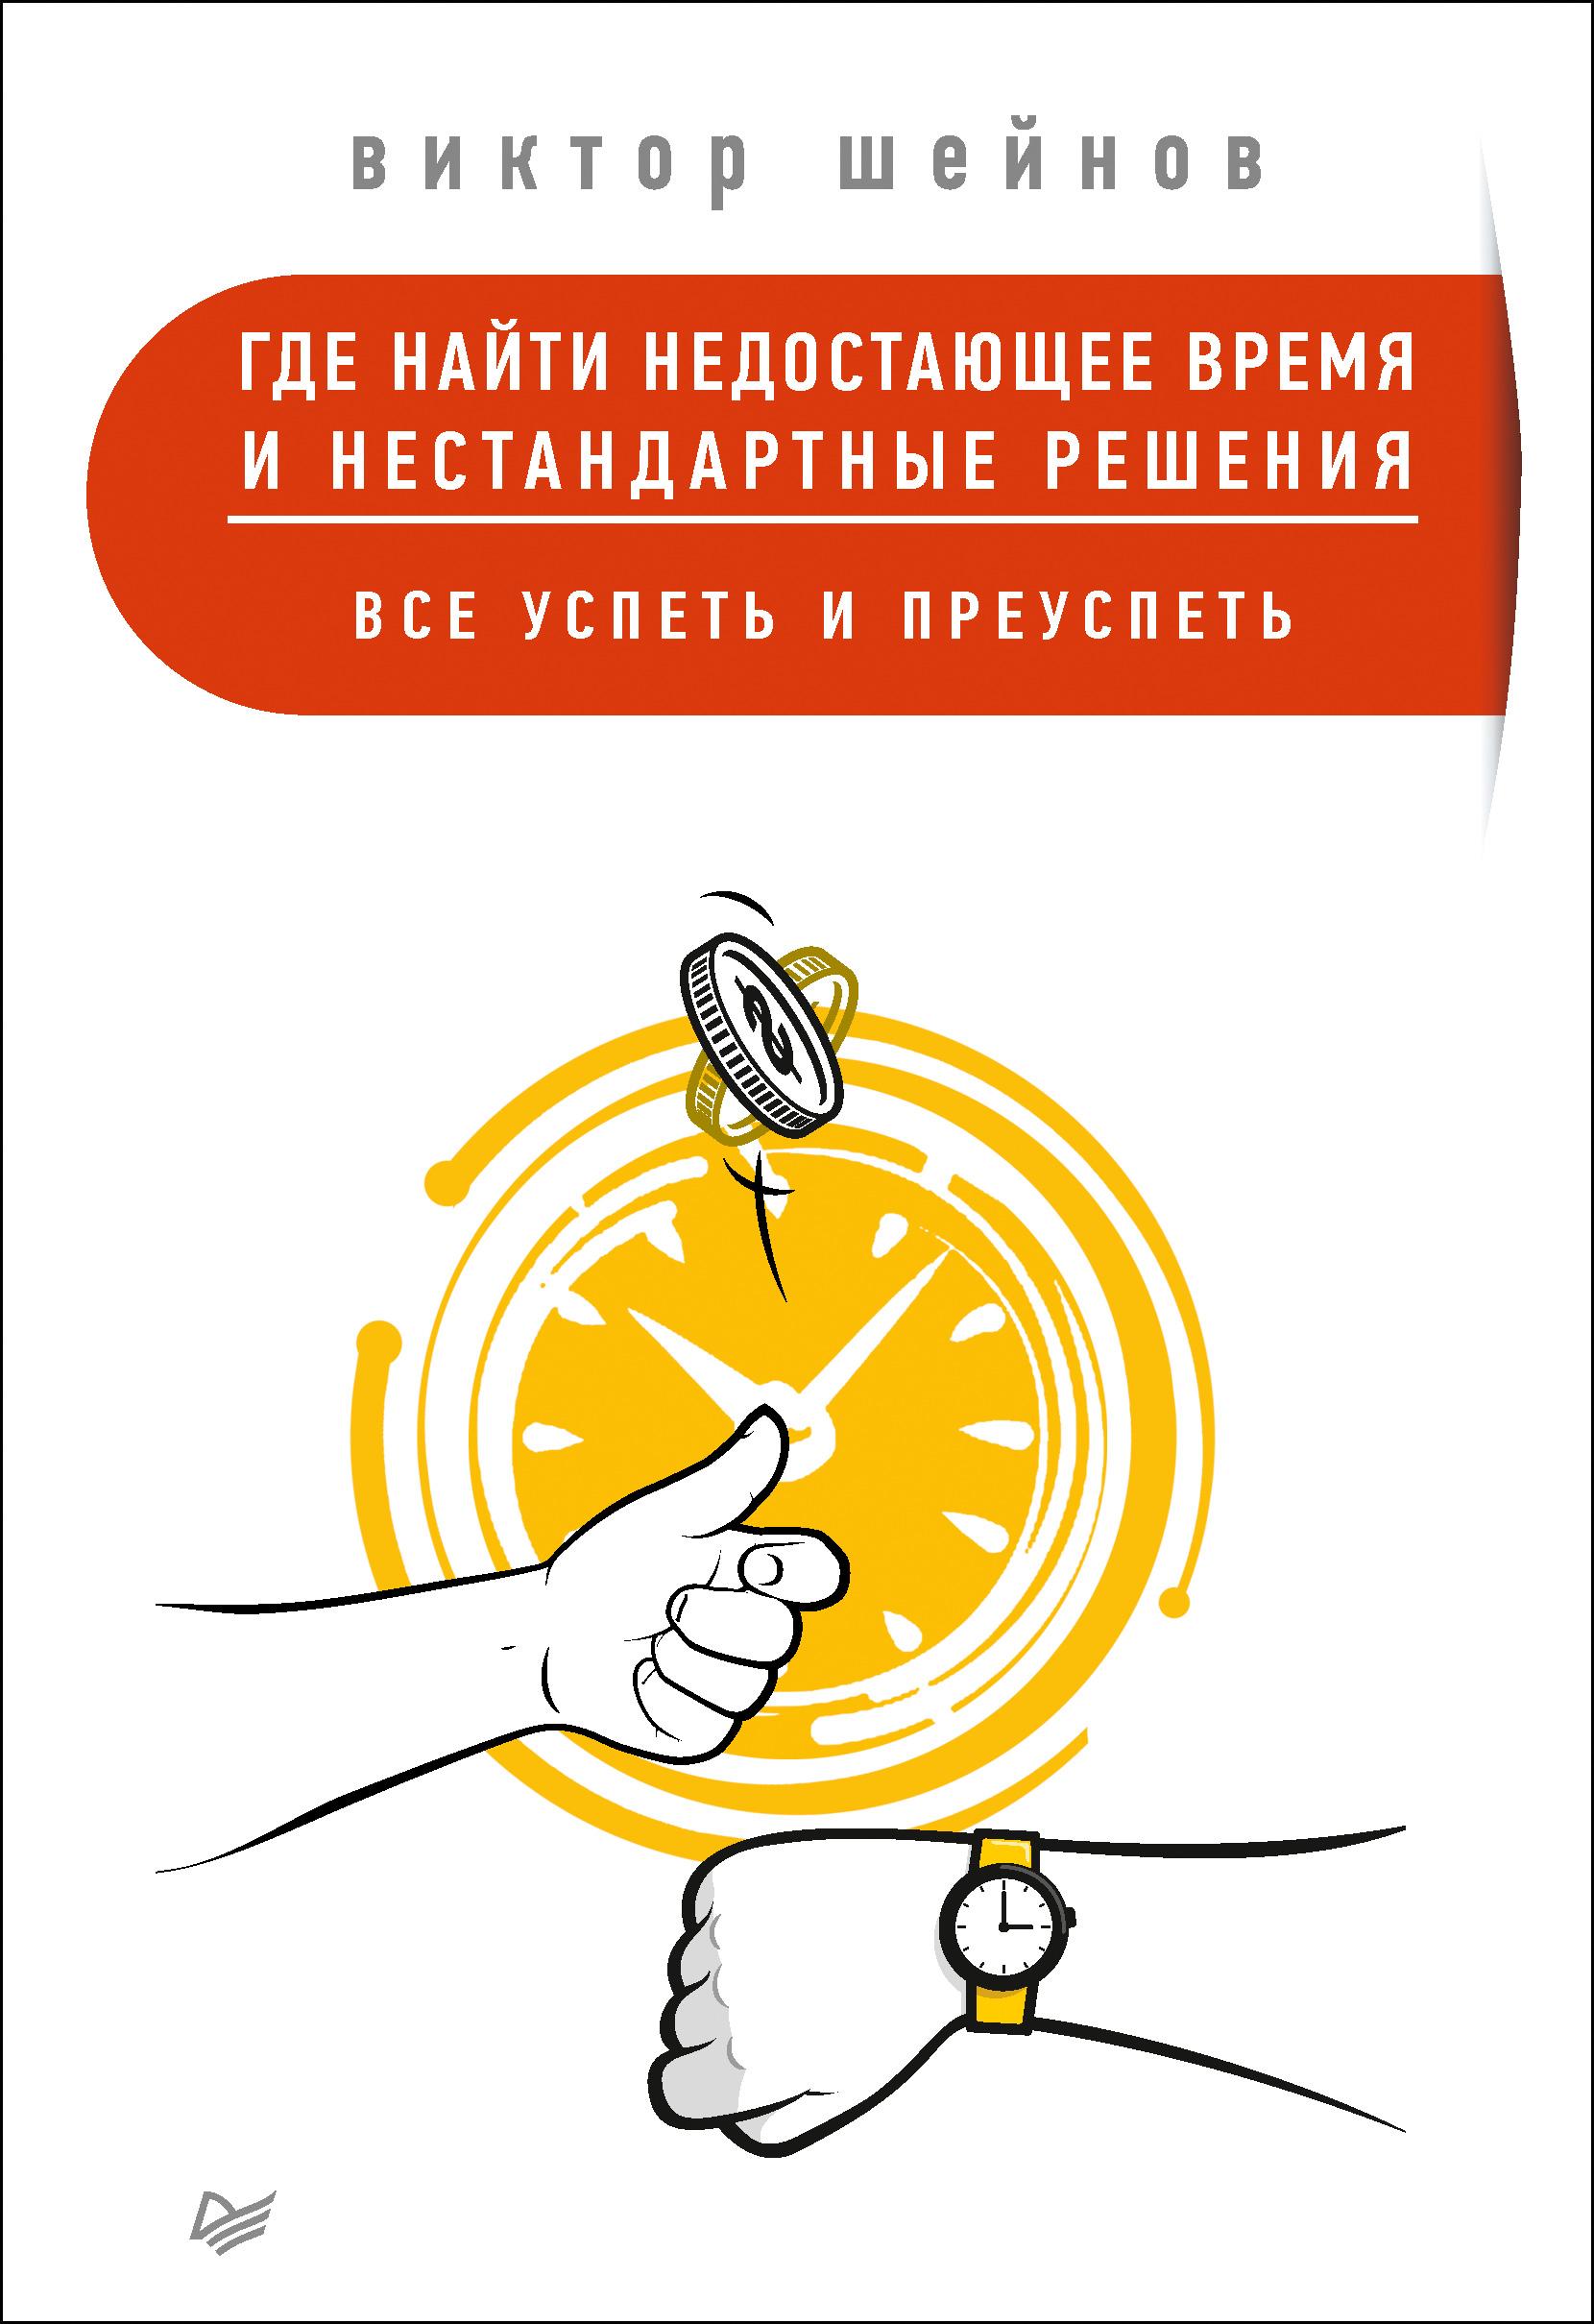 Виктор Шейнов «Где найти недостающее время и нестандартные решения. Все успеть и преуспеть»